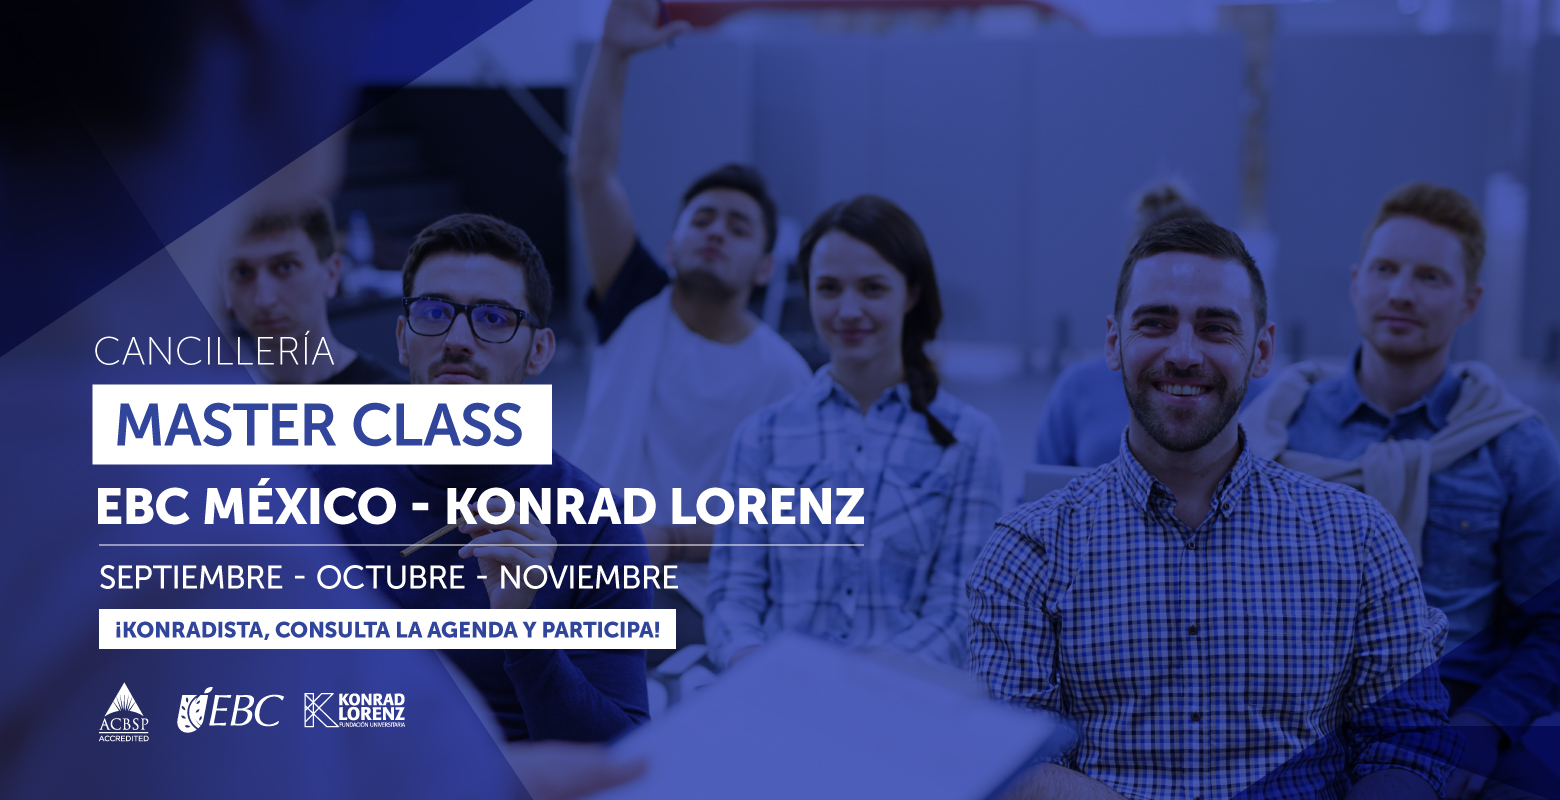 Cancillería: Master Class EBC México - Konrad Lorenz